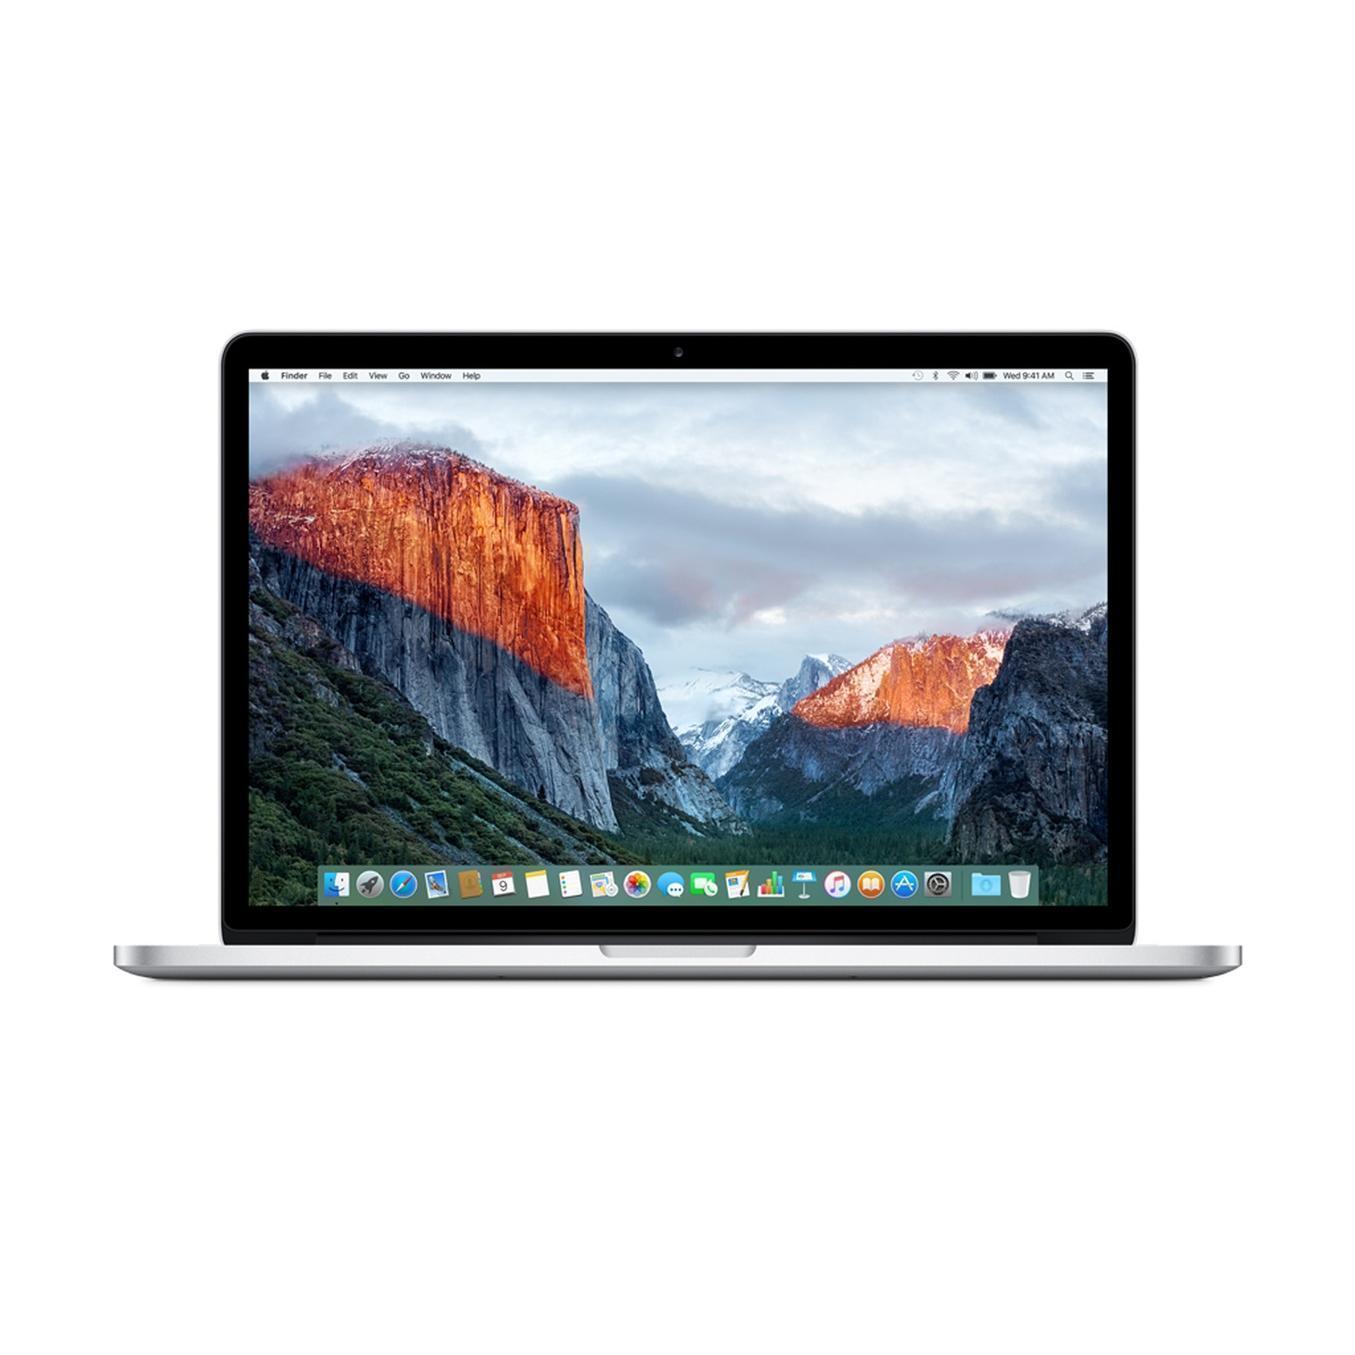 MacBook Pro Retina 15,4-tum (2015) - Core i7 - 16GB - SSD 512 GB QWERTY - Italienska